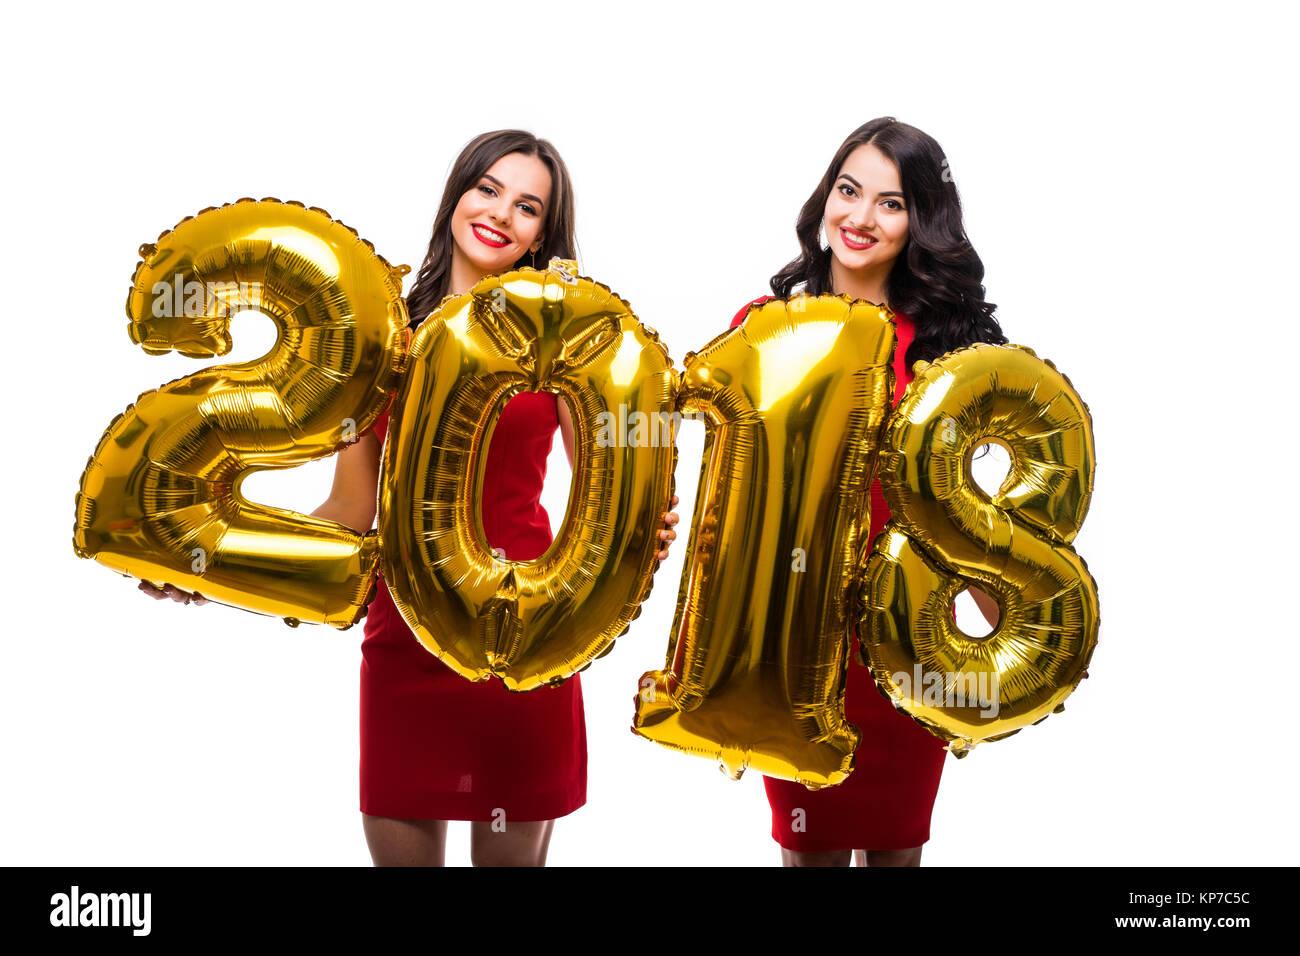 Retrato De Dos Niñas Feliz Alegre En Vestidos Rojos Posando